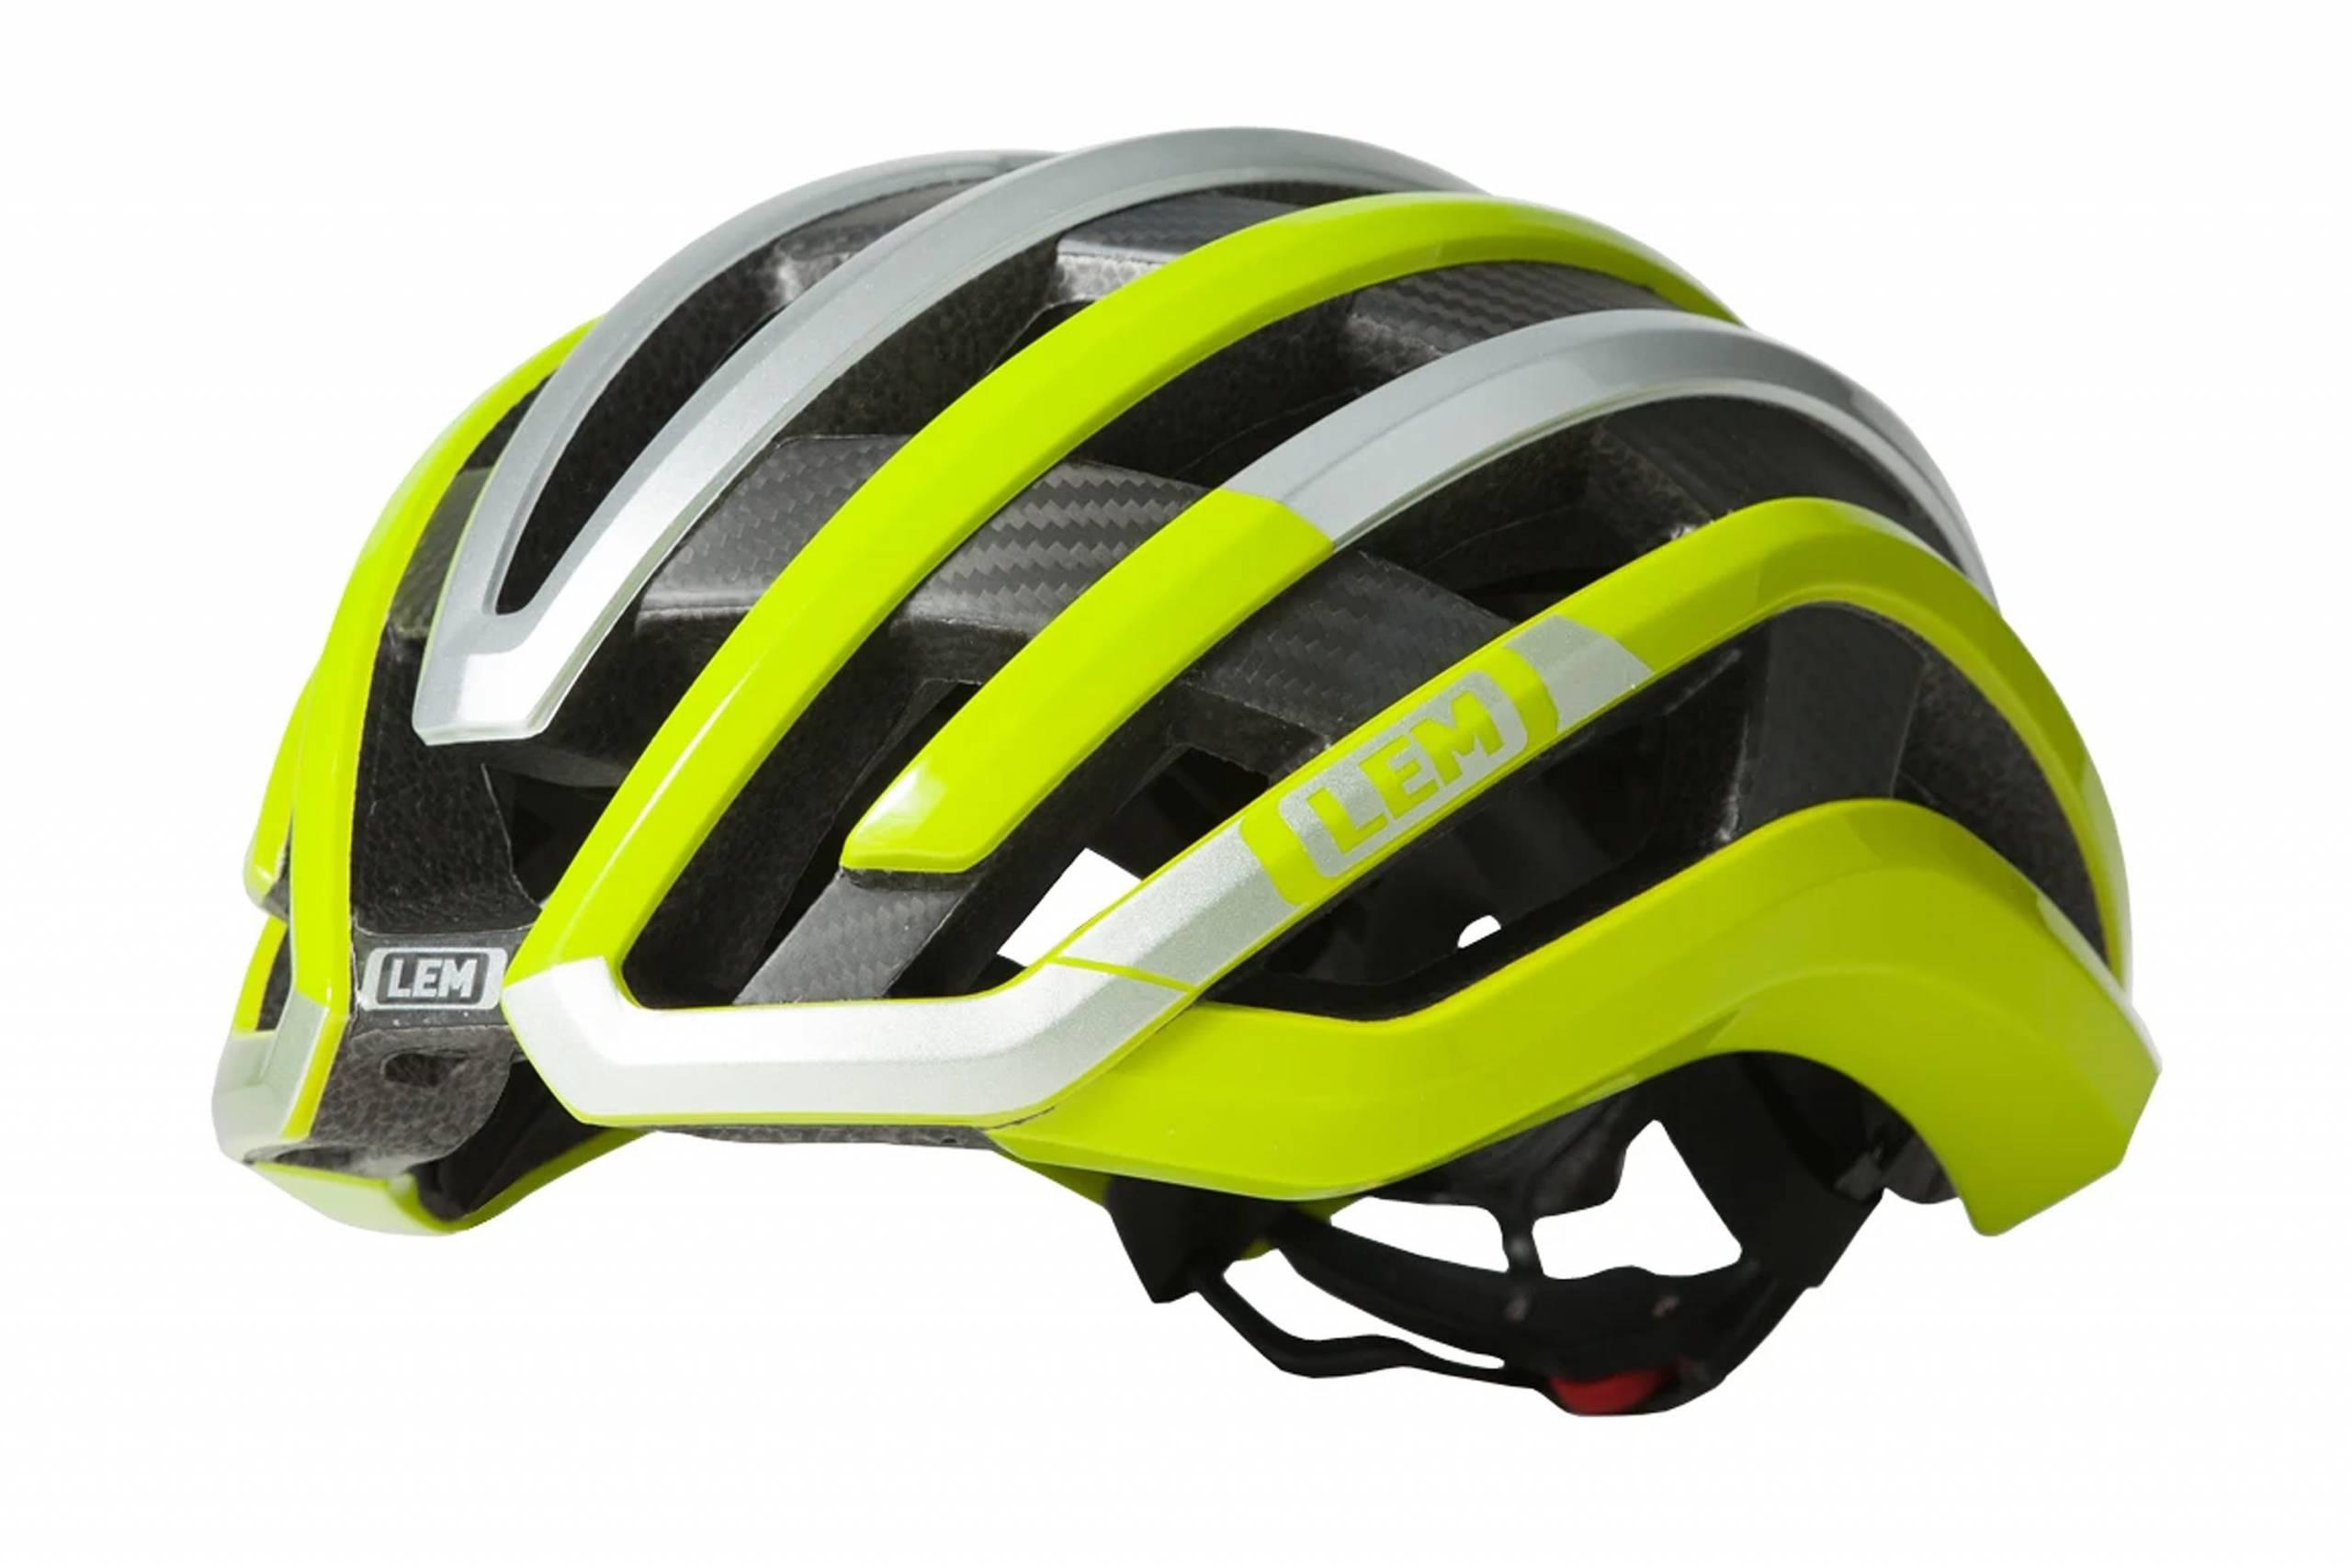 LEM_Motiv Air Bike Helmet